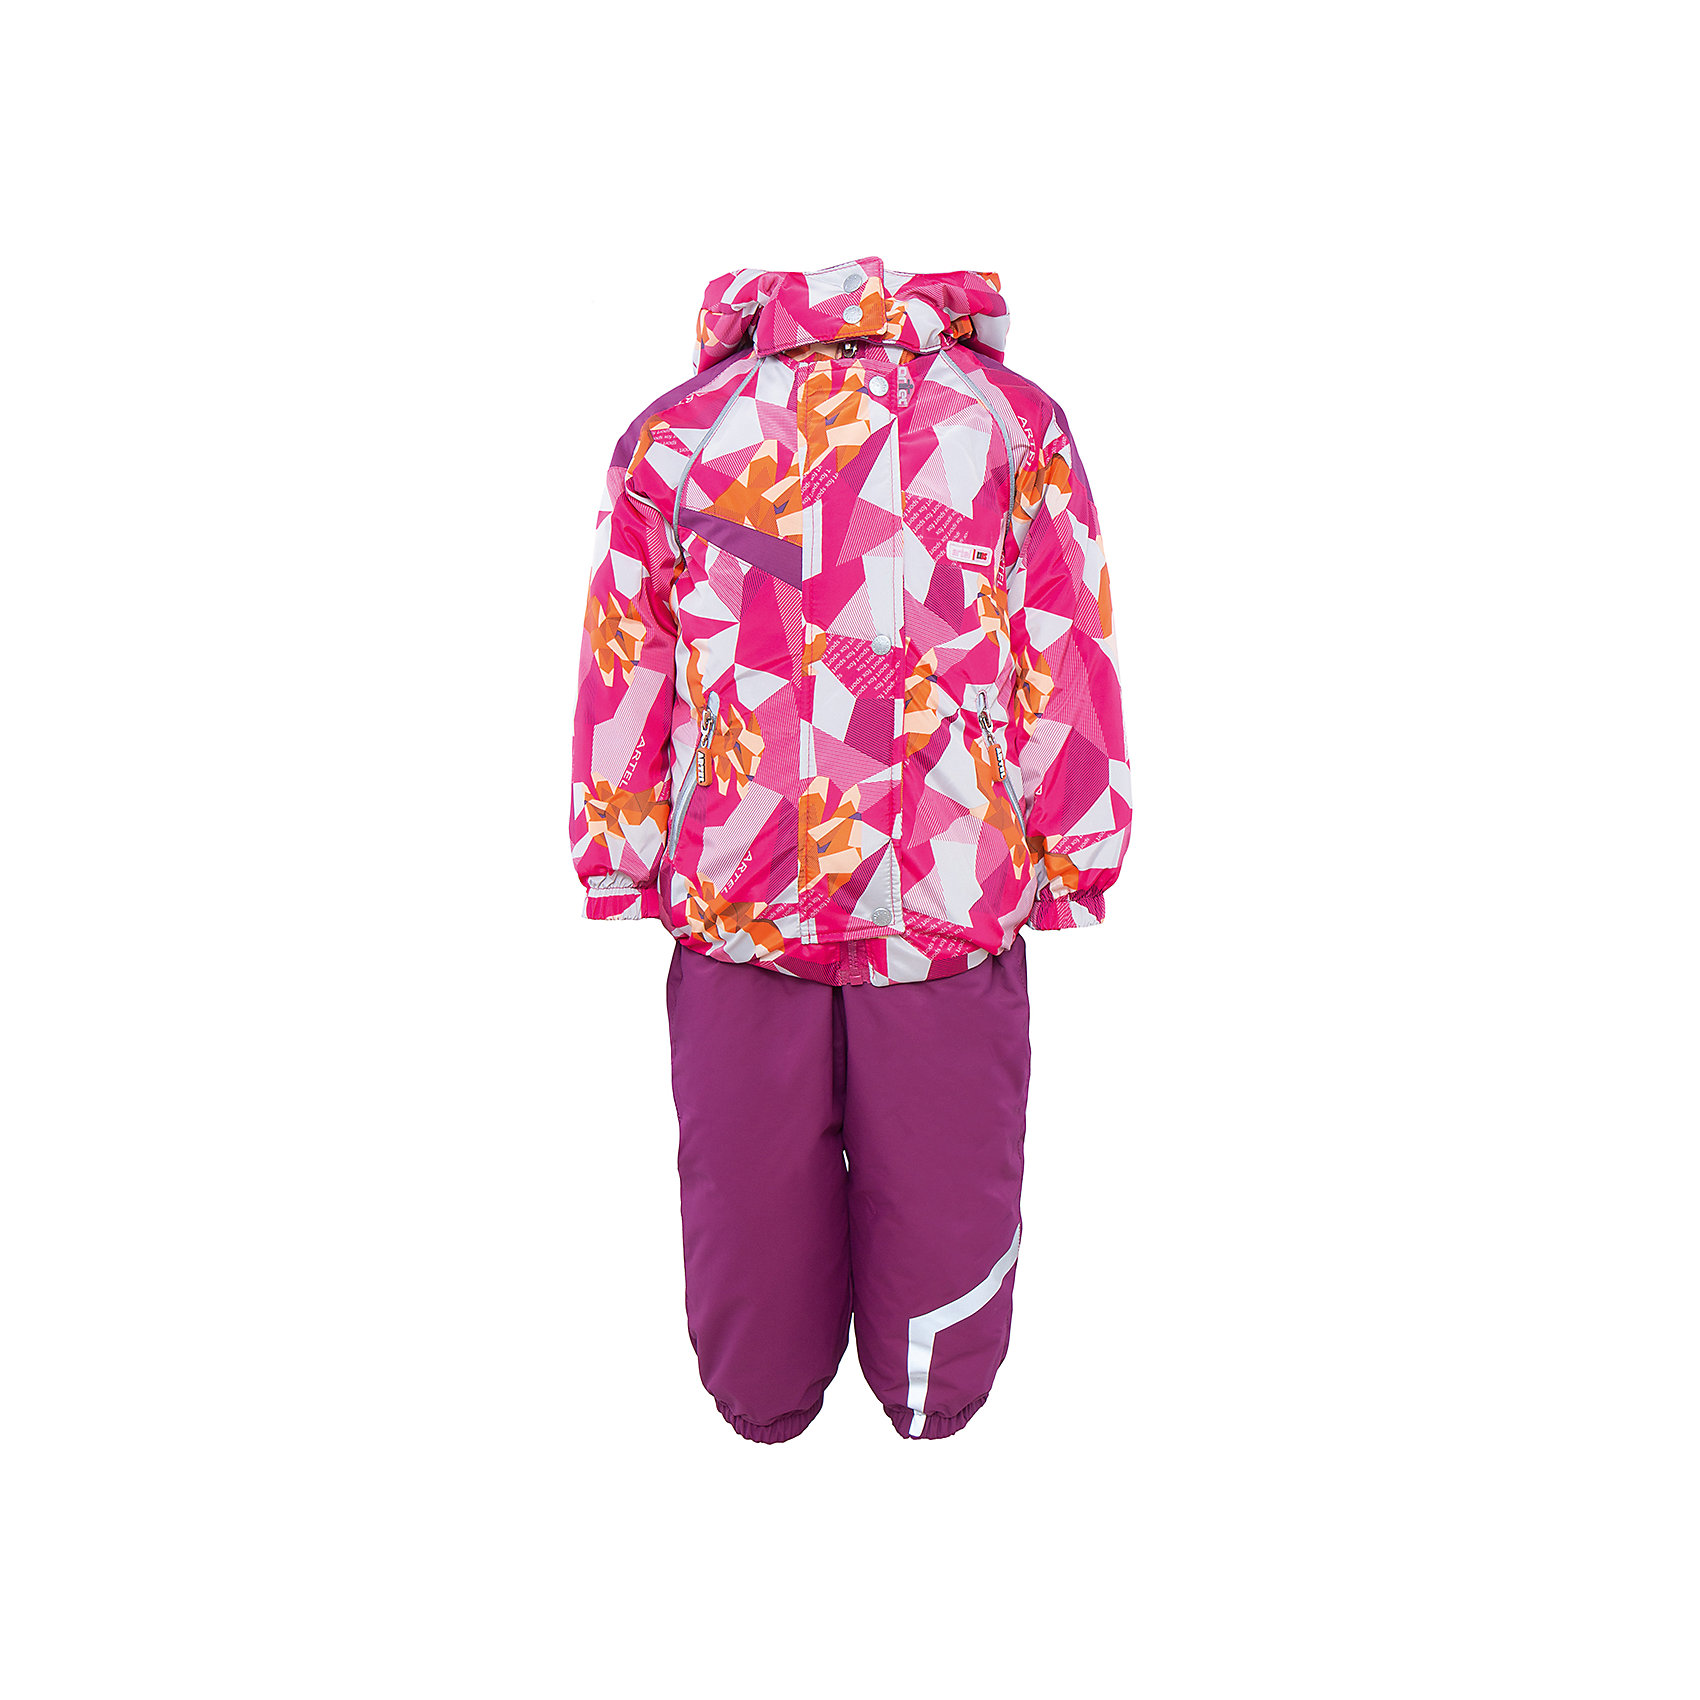 Комплект: куртка и полукомбинезон для девочки АртельВерхняя одежда<br>Комплект: куртка и полукомбинезон для девочки от известного бренда Артель<br>Комплект на современном утеплителеиз мембранной ткани, позволит малышу долго гулять даже в самую слякотную погоду, кататься с мокрых горок и не промокнуть. Куртка выполнена из ткани с оригинальным геометрическим принтом. Центральный замок на молнию прикрыт ветрозащитной планкой. У полукомбинезона регулируется длина бретелек. По низу штанишек расположены штрипки, которые фиксируются на сапожках, удерживают штанину от задирания и обеспечивают дополнительную защиту от скольжения. Сзади, по линии талии, для дополнительной фиксации, расположена резинка.<br>Состав:<br>Верх: KB-703 HiPora<br>Подкладка: интерлок<br>Утеплитель: TermoFinn 200<br>Полукомбинезон:<br>Верх: Dobby HiPora<br>Подкладка: флис, пэ<br>Утеплитель: TermoFinn 200<br><br>Ширина мм: 215<br>Глубина мм: 88<br>Высота мм: 191<br>Вес г: 336<br>Цвет: розовый<br>Возраст от месяцев: 24<br>Возраст до месяцев: 36<br>Пол: Женский<br>Возраст: Детский<br>Размер: 98,110,104<br>SKU: 4963987